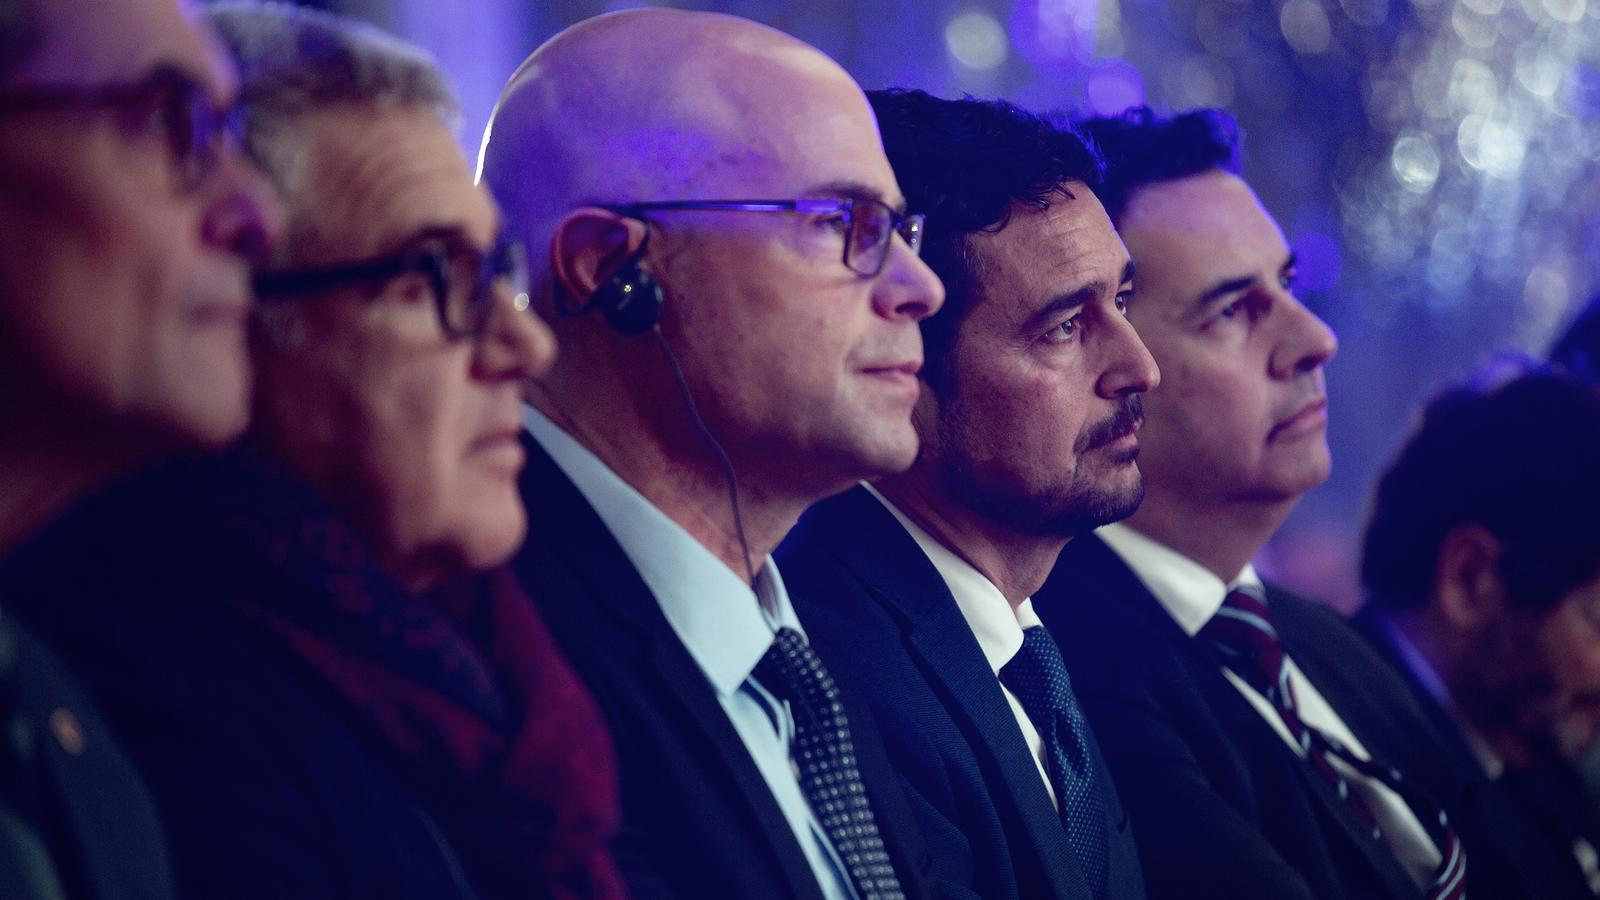 El conseller Damià Calvet entre el conseller delegat d'ICL al món, Raviv Zoller, i el president d'ICL Iberia, Carlos Alemán, durant l'acte.